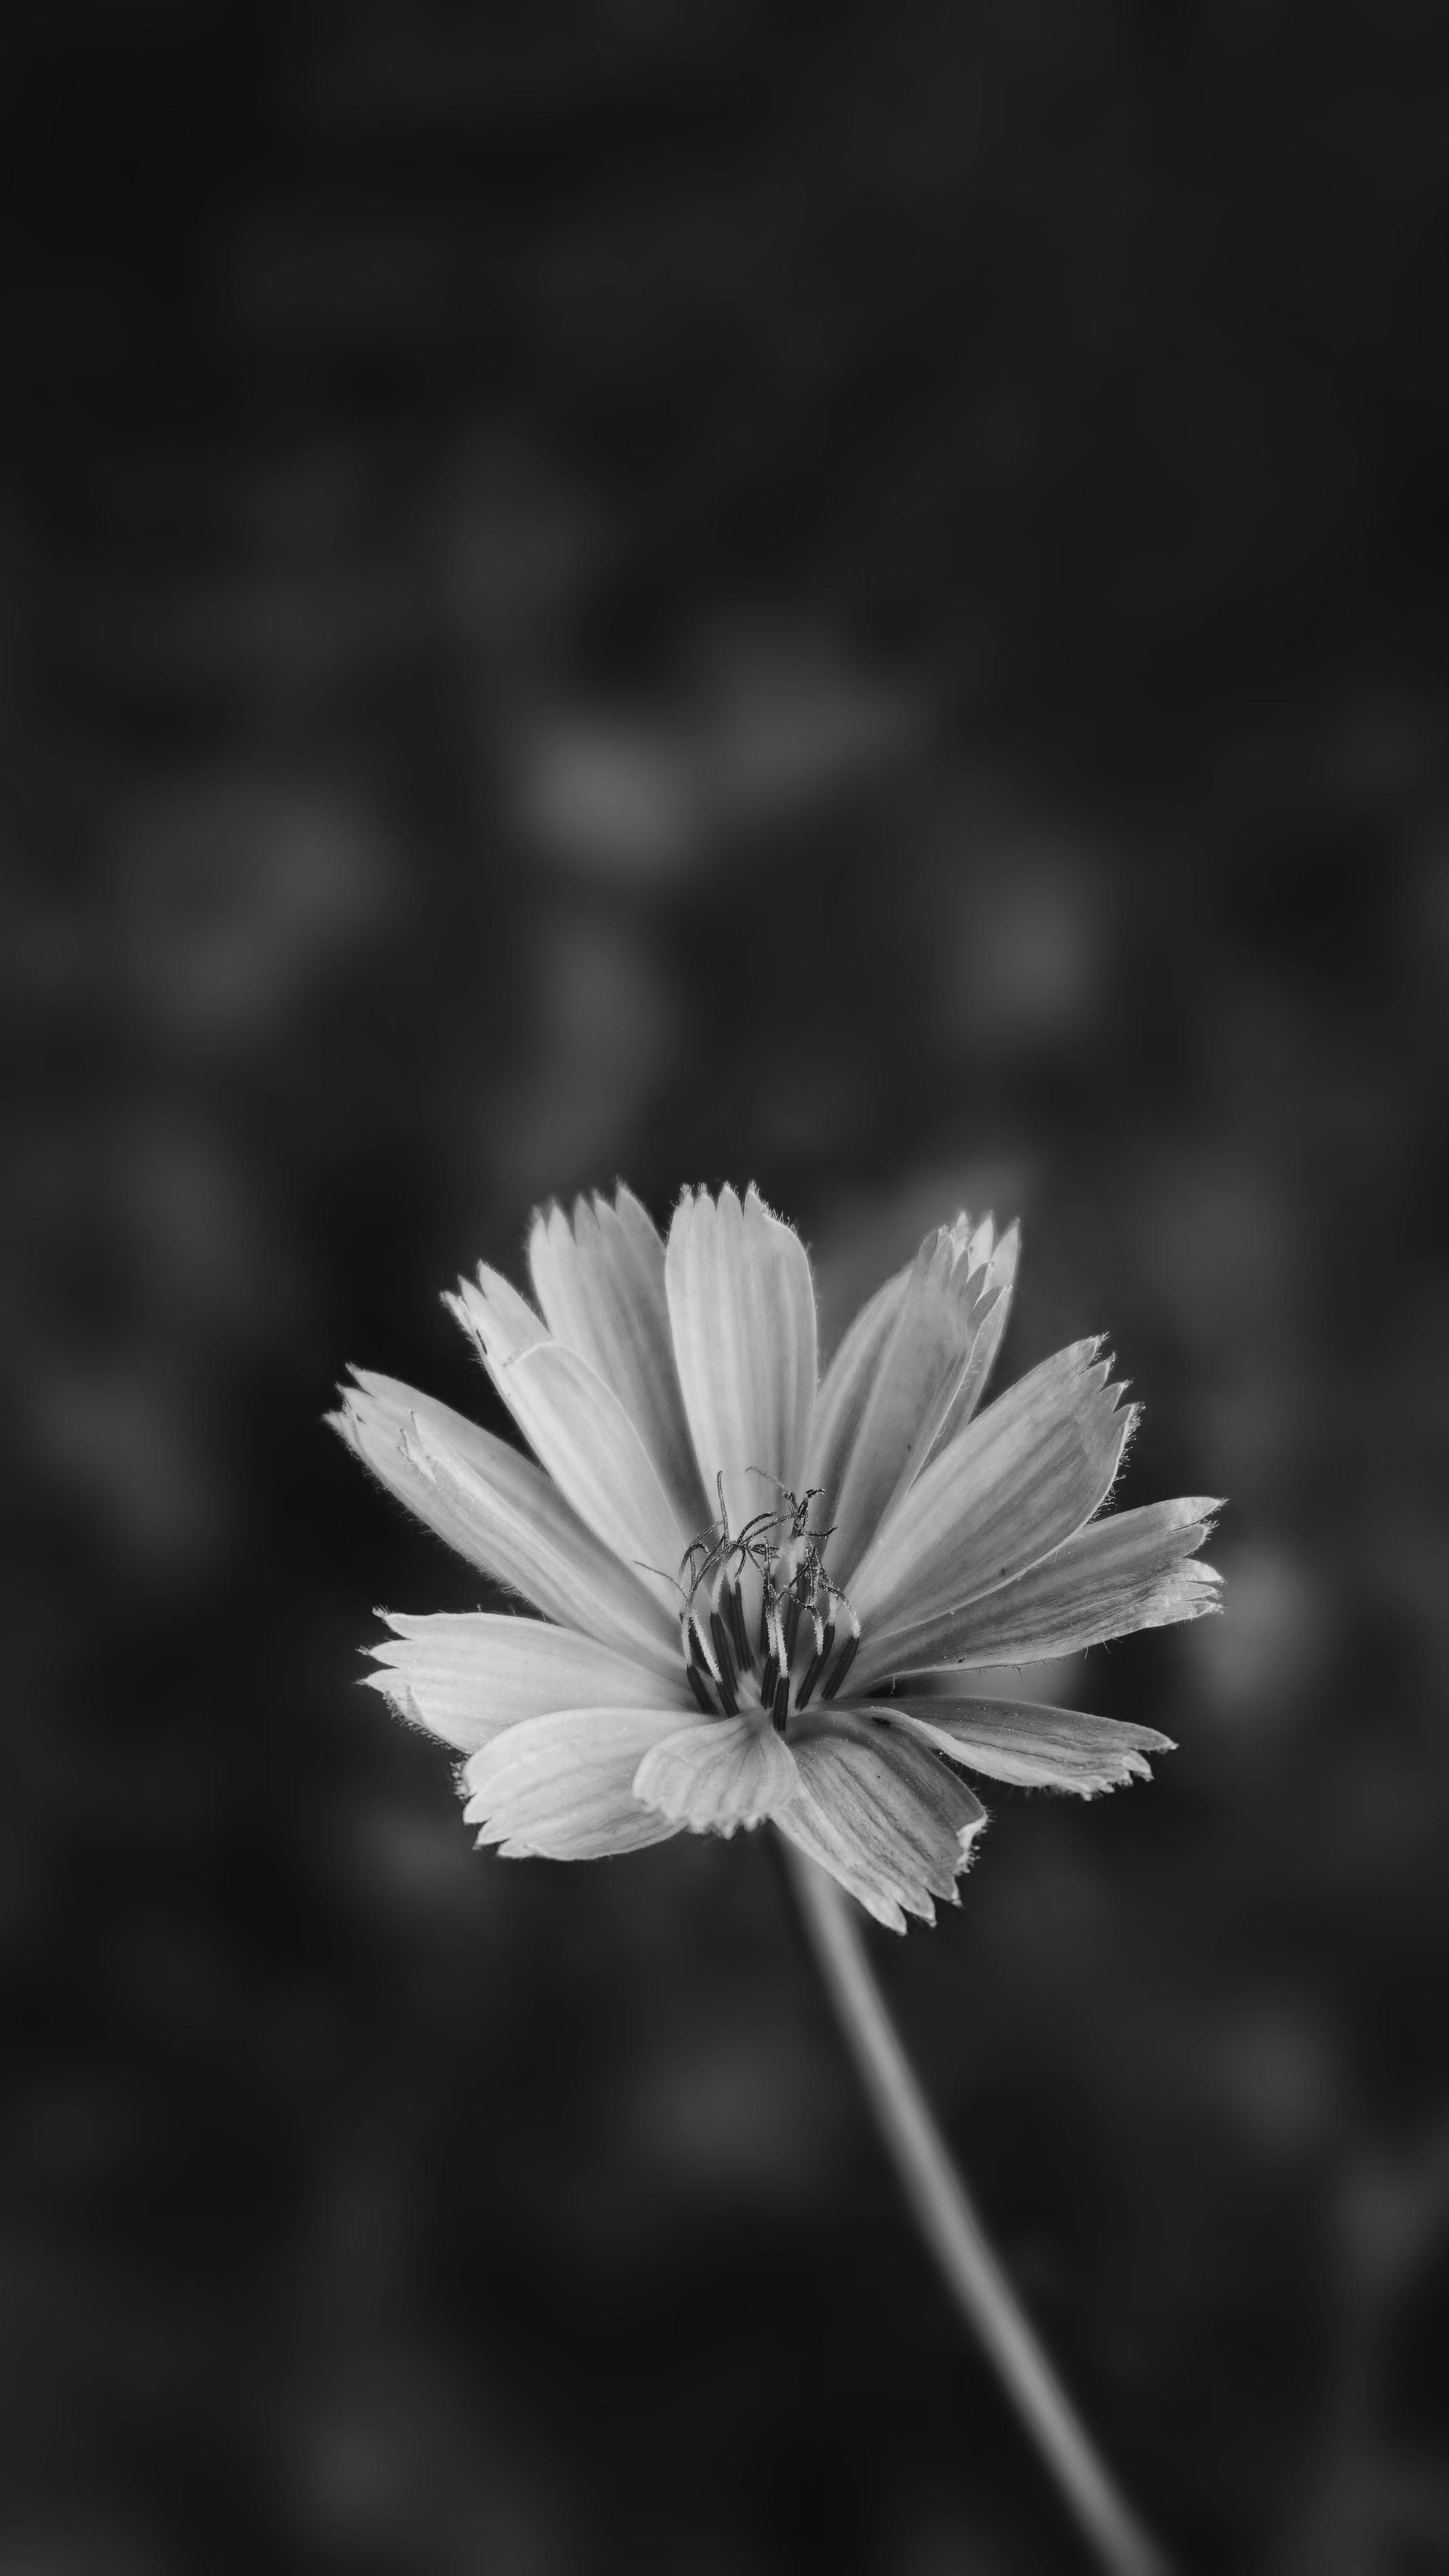 ロック画面の壁紙 白黒 花の無料の写真素材